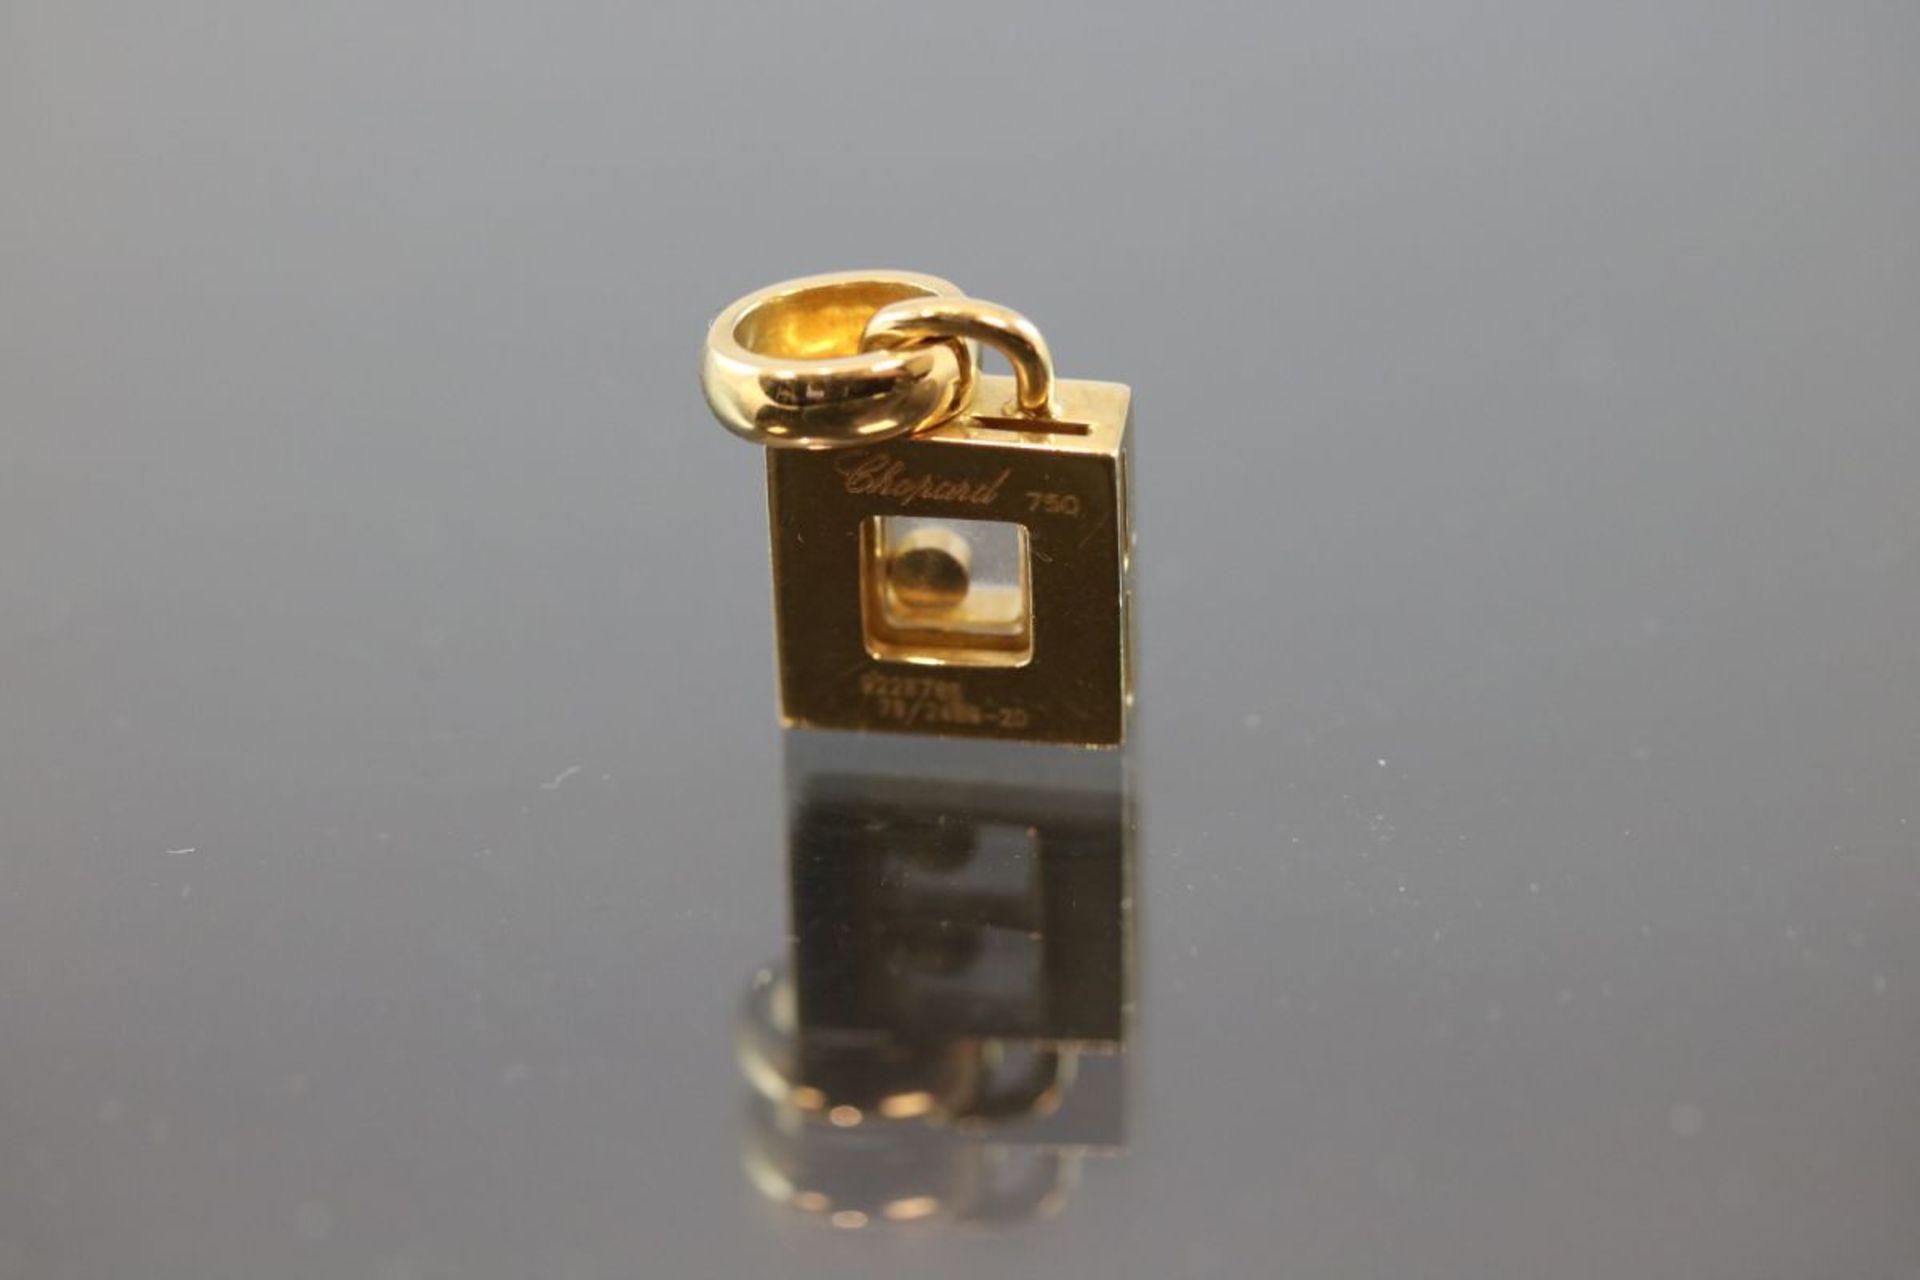 Chopard-Brillant-Anhänger, 750 Gold7,7 Gramm 10 Brillanten, 0,30 ct., tw/vsi. 9228786, 79/2486-20. - Bild 2 aus 3